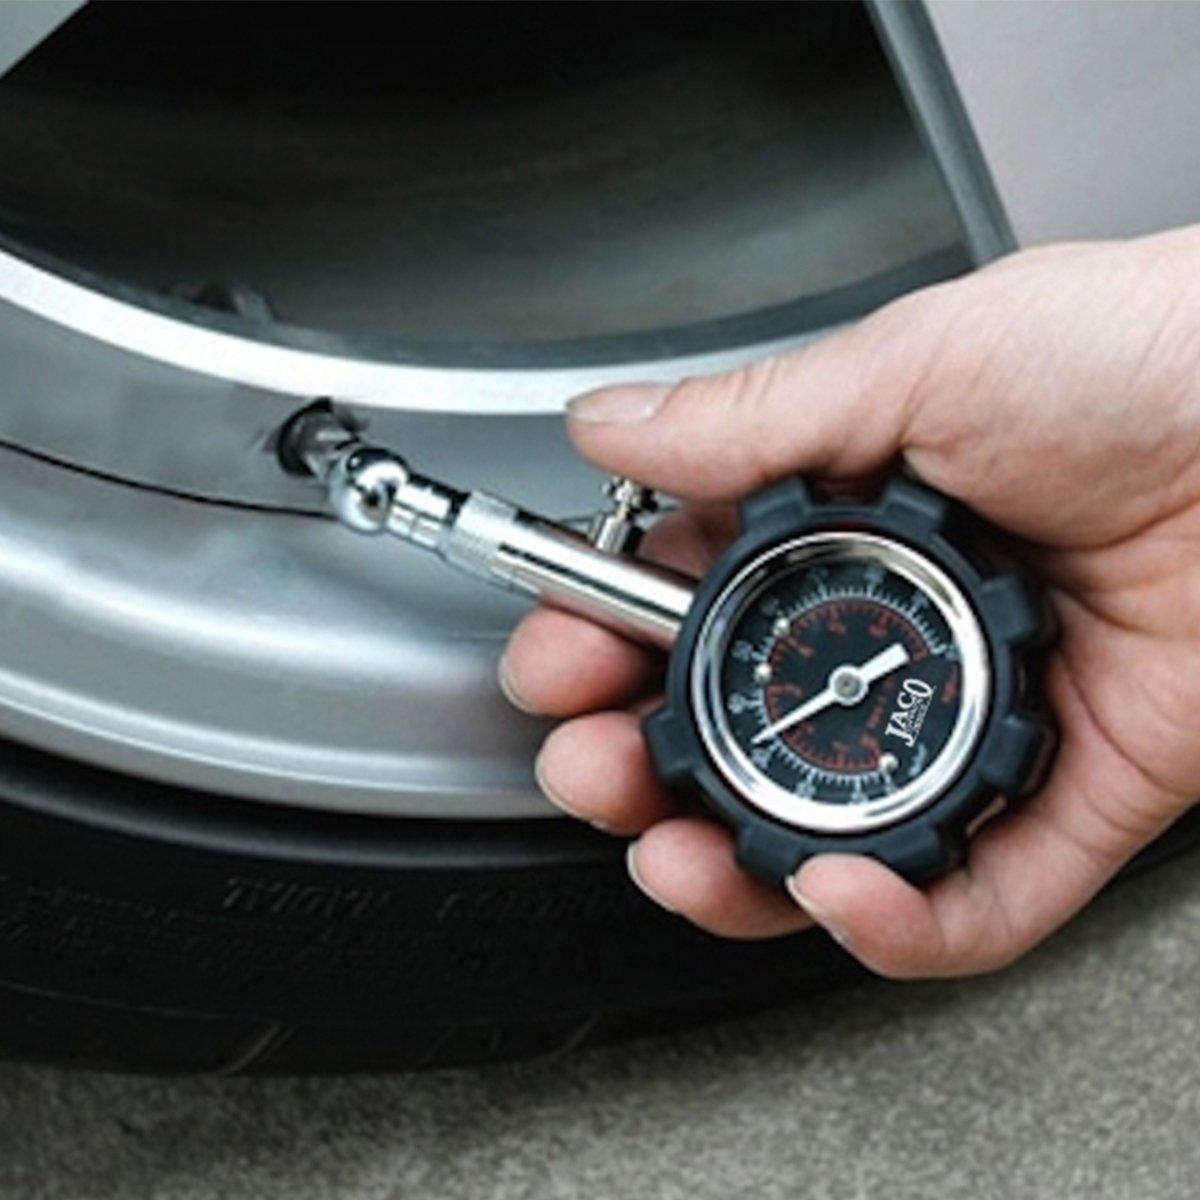 Manómetro para medir la presión de los neumáticos, deluxe JACO – 100 psi (6894 mbar): Amazon.es: Coche y moto